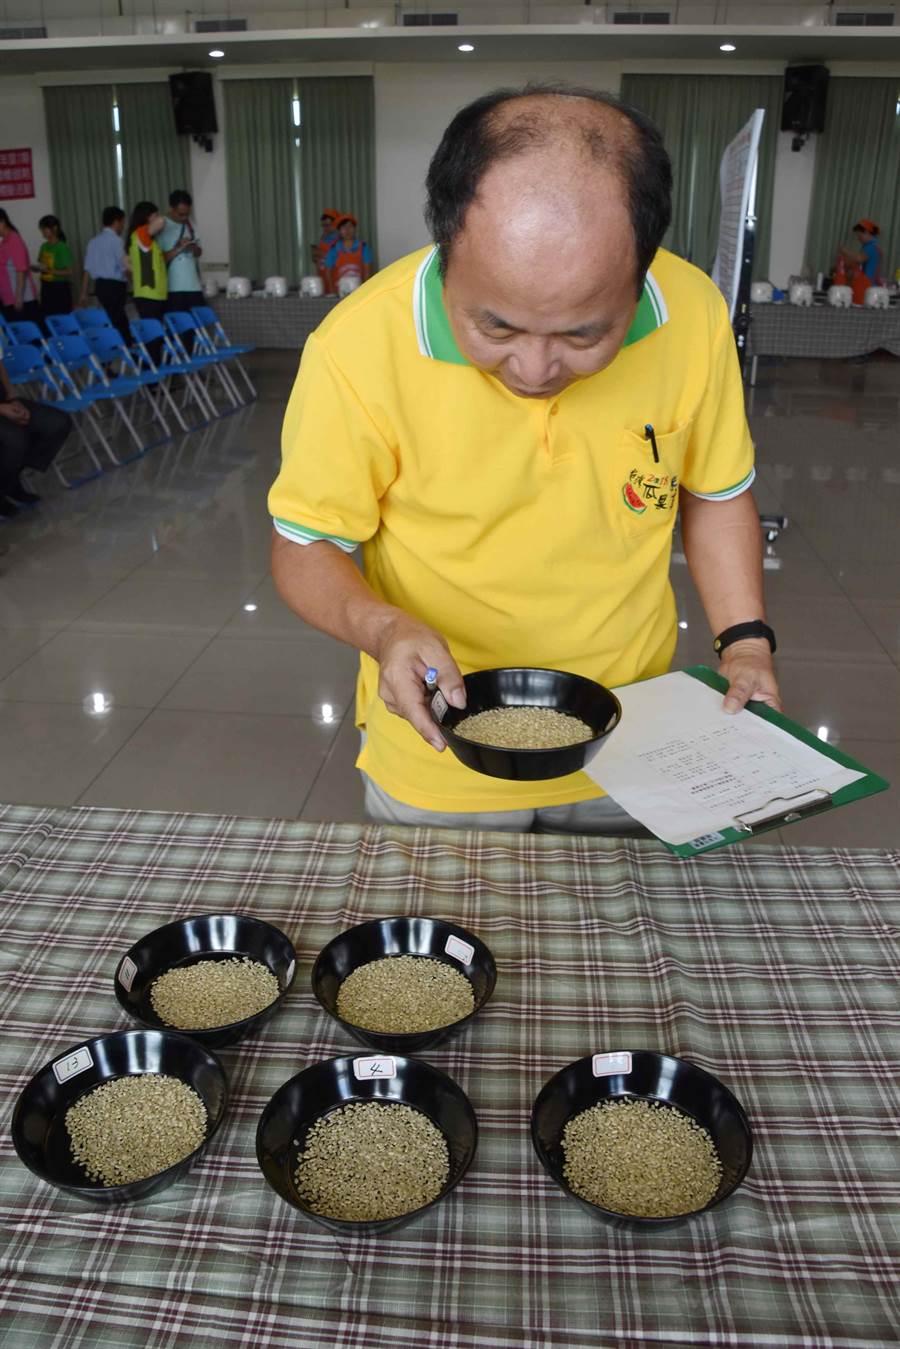 太保市農會14日舉辦稻米品質競賽,評審一一檢視稻米和稻穀外觀的完整性。(呂妍庭攝)